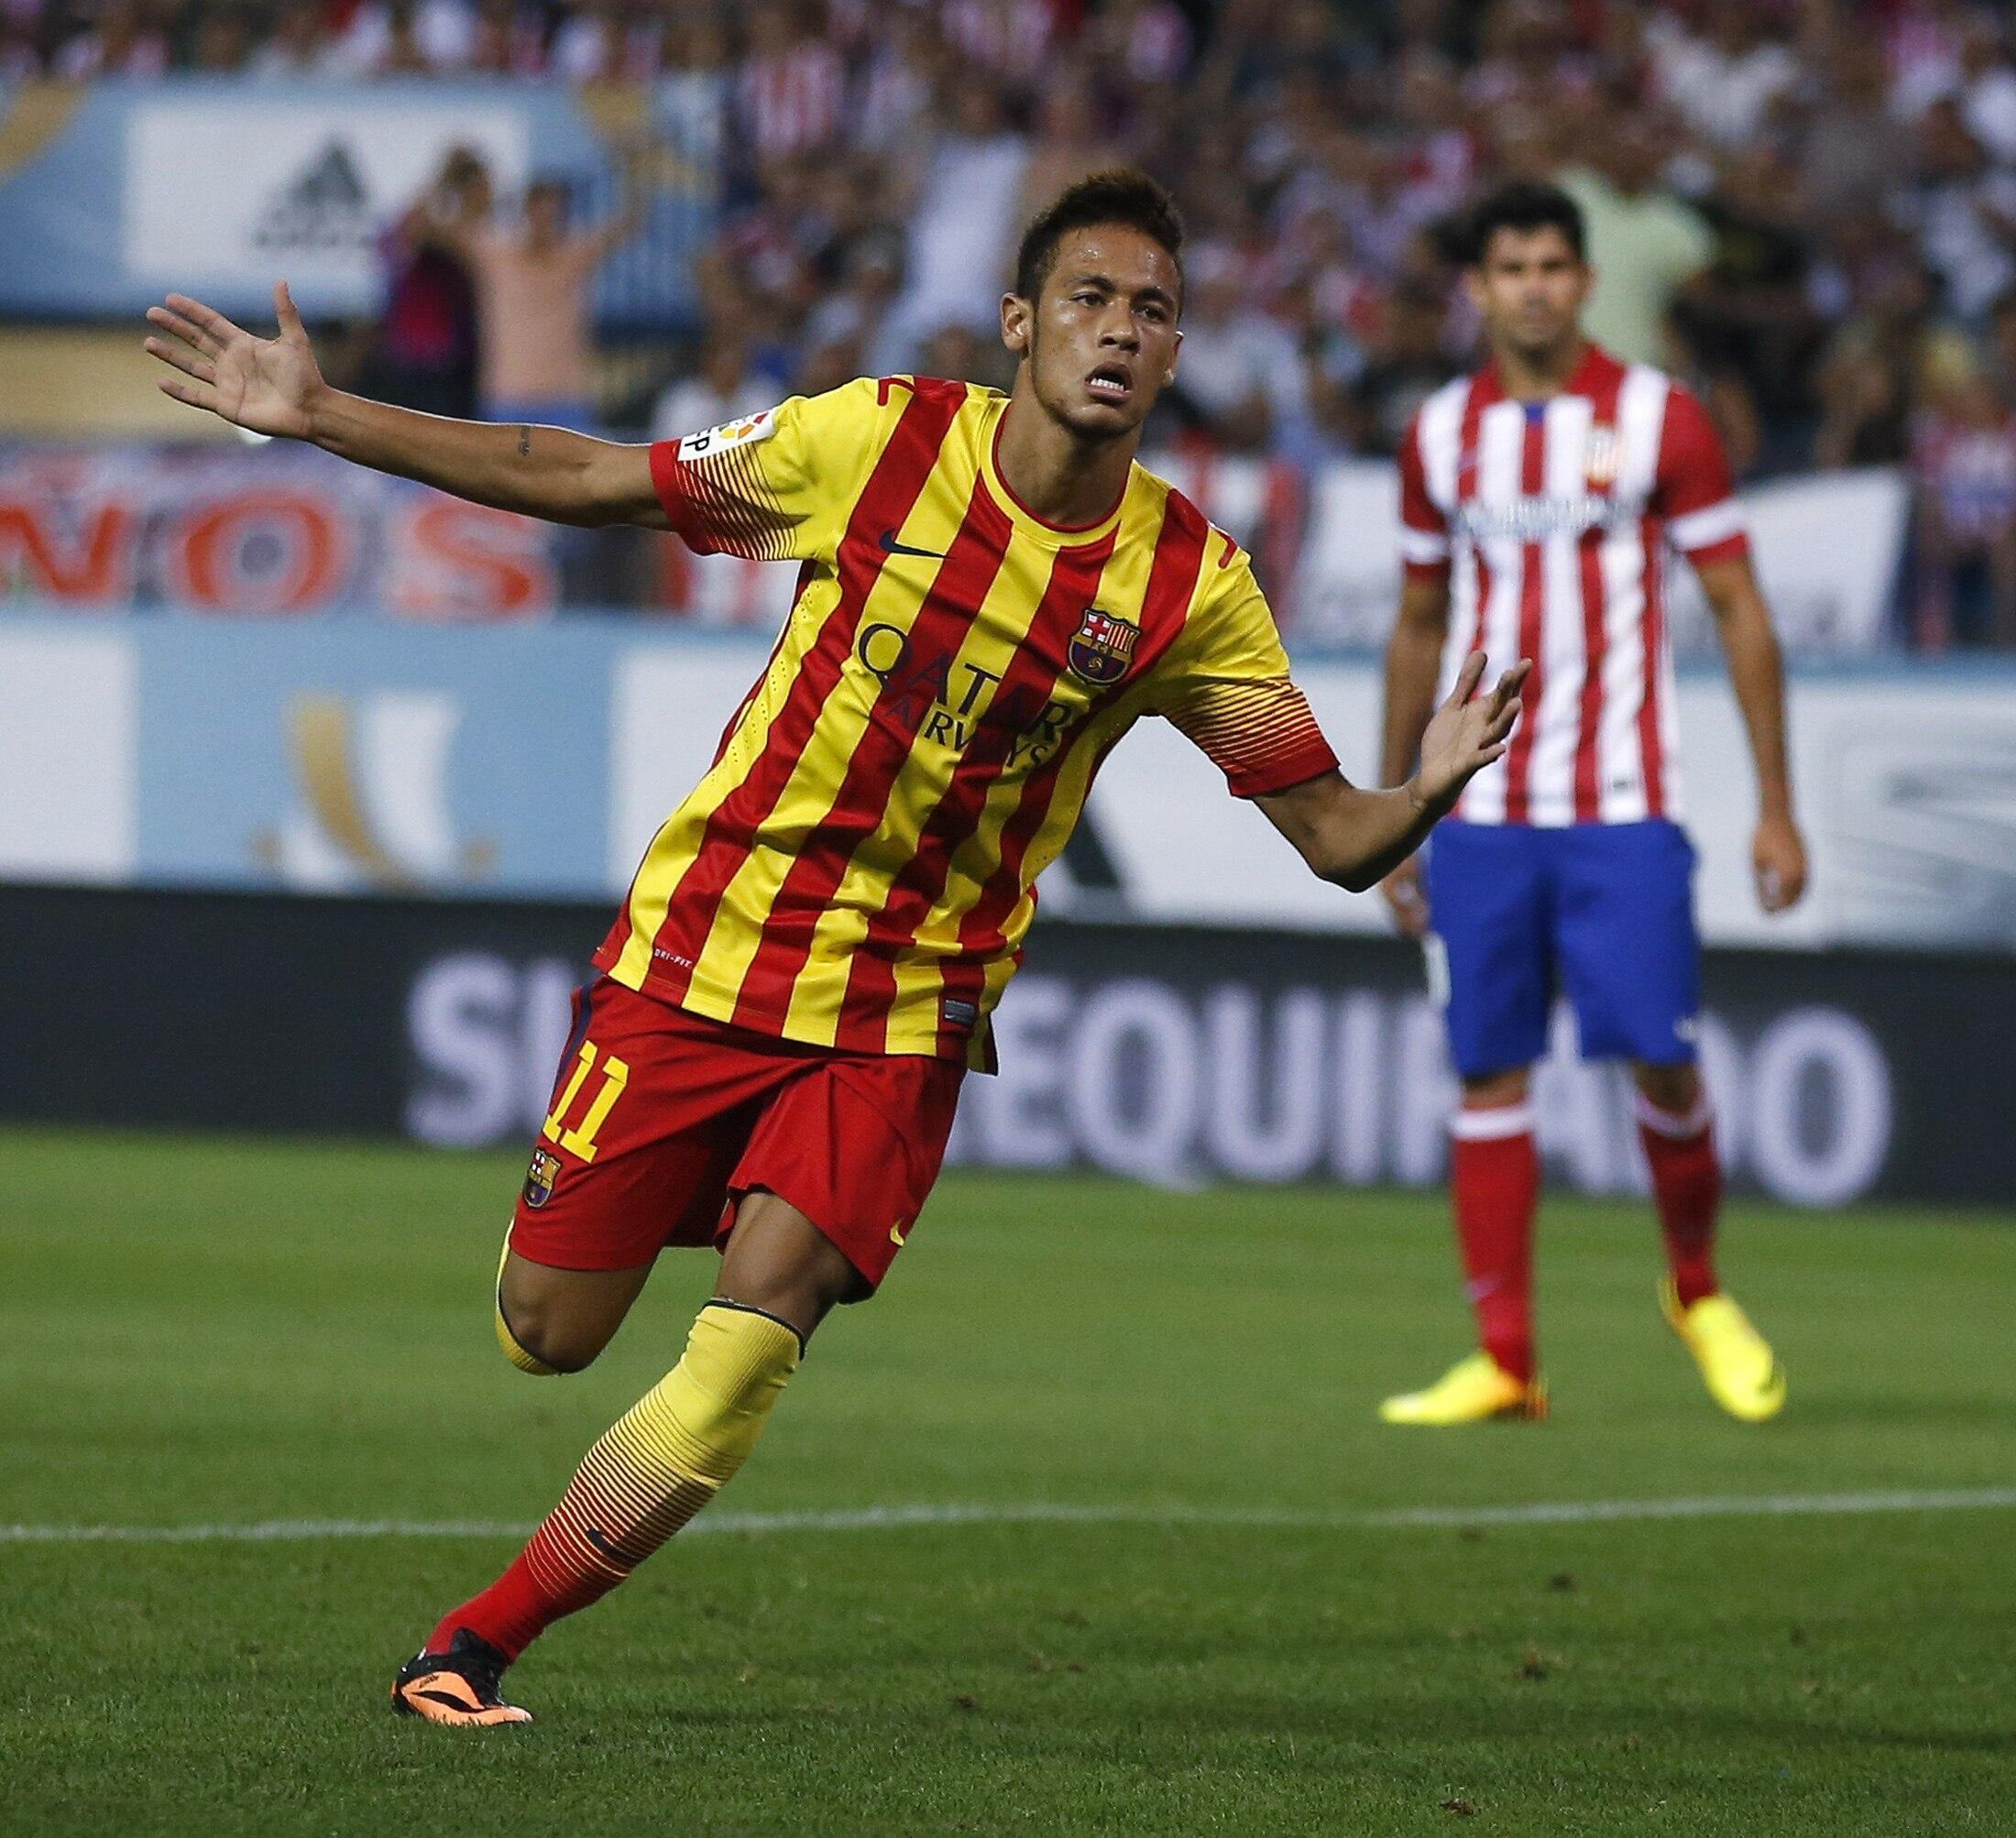 Neymar yana murnar zirawa Barcelona kwallo a ragar Atlético  Madrid a wasan Super Cup